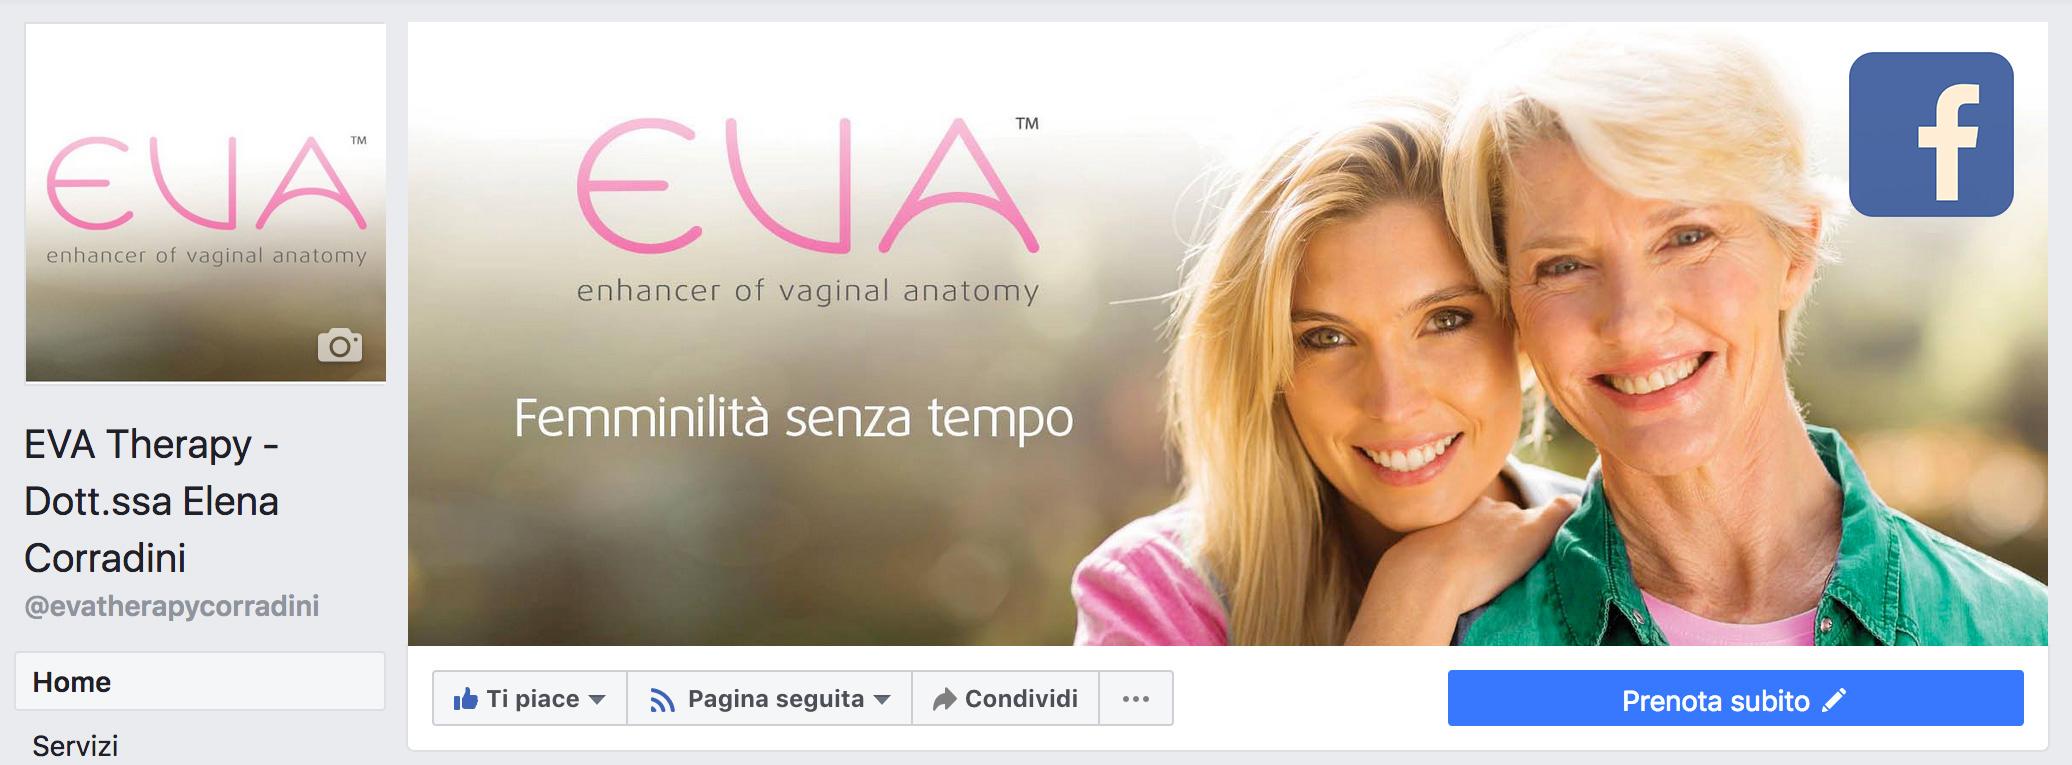 Eva Therapy Corradini ginecologa